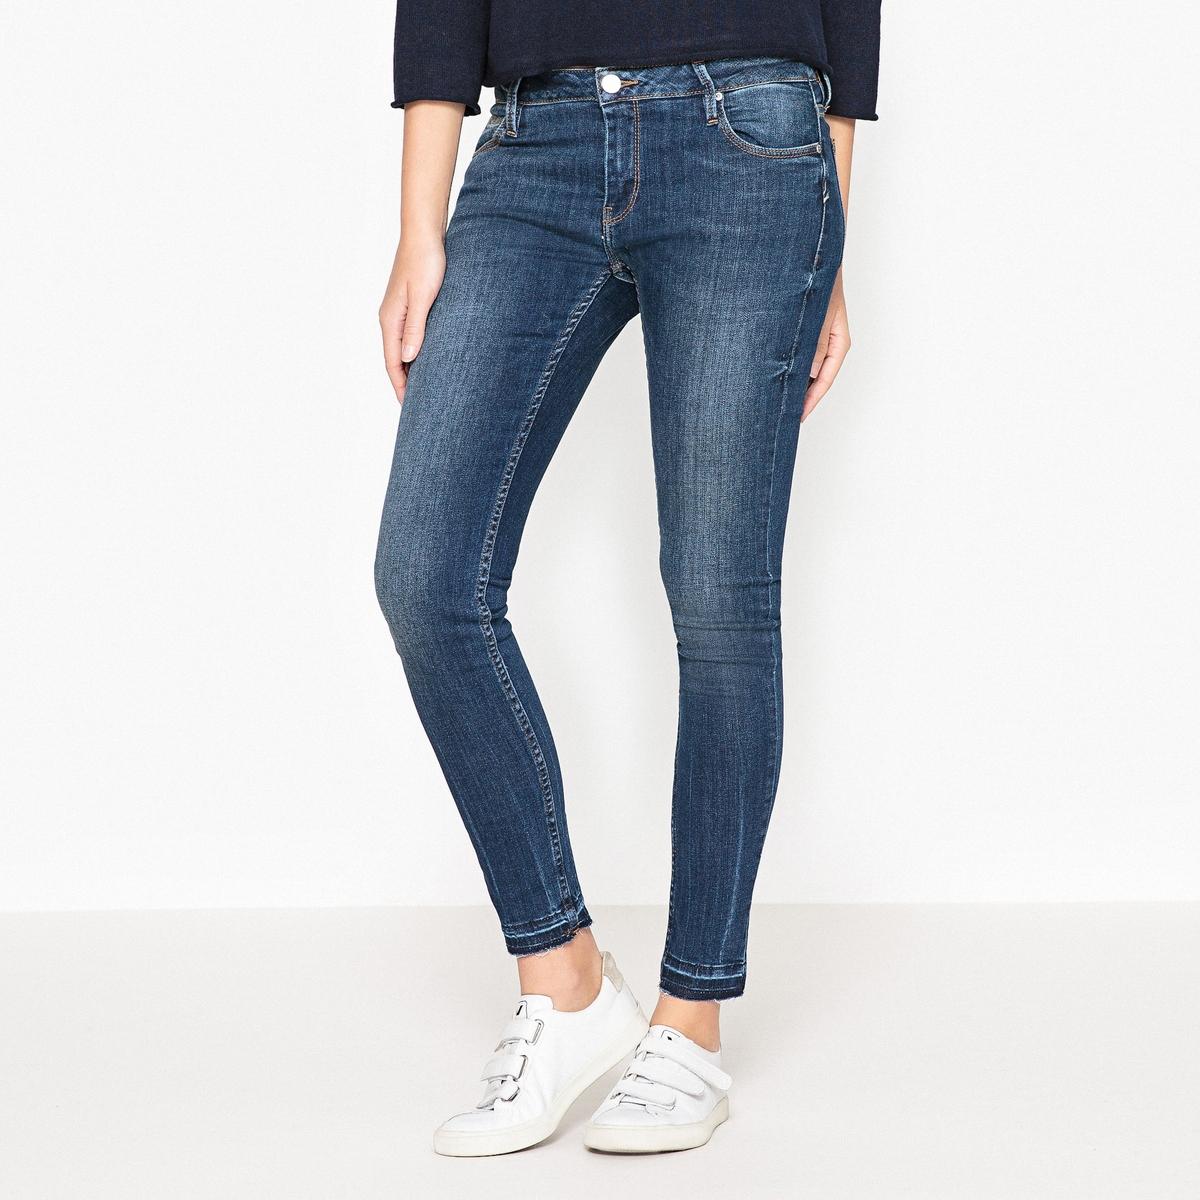 Джинсы-скинни с бахромой LILY DENIMУкороченные джинсы-скинни REIKO - модель LILY DENIM с бахромой снизу, без отделки.Детали •  Покрой скинни •  Стандартная высота поясаСостав и уход •  98% хлопка, 2% эластана •  Следуйте советам по уходу, указанным на этикетке •  Длина по внутреннему шву : 72 см<br><br>Цвет: синий деним